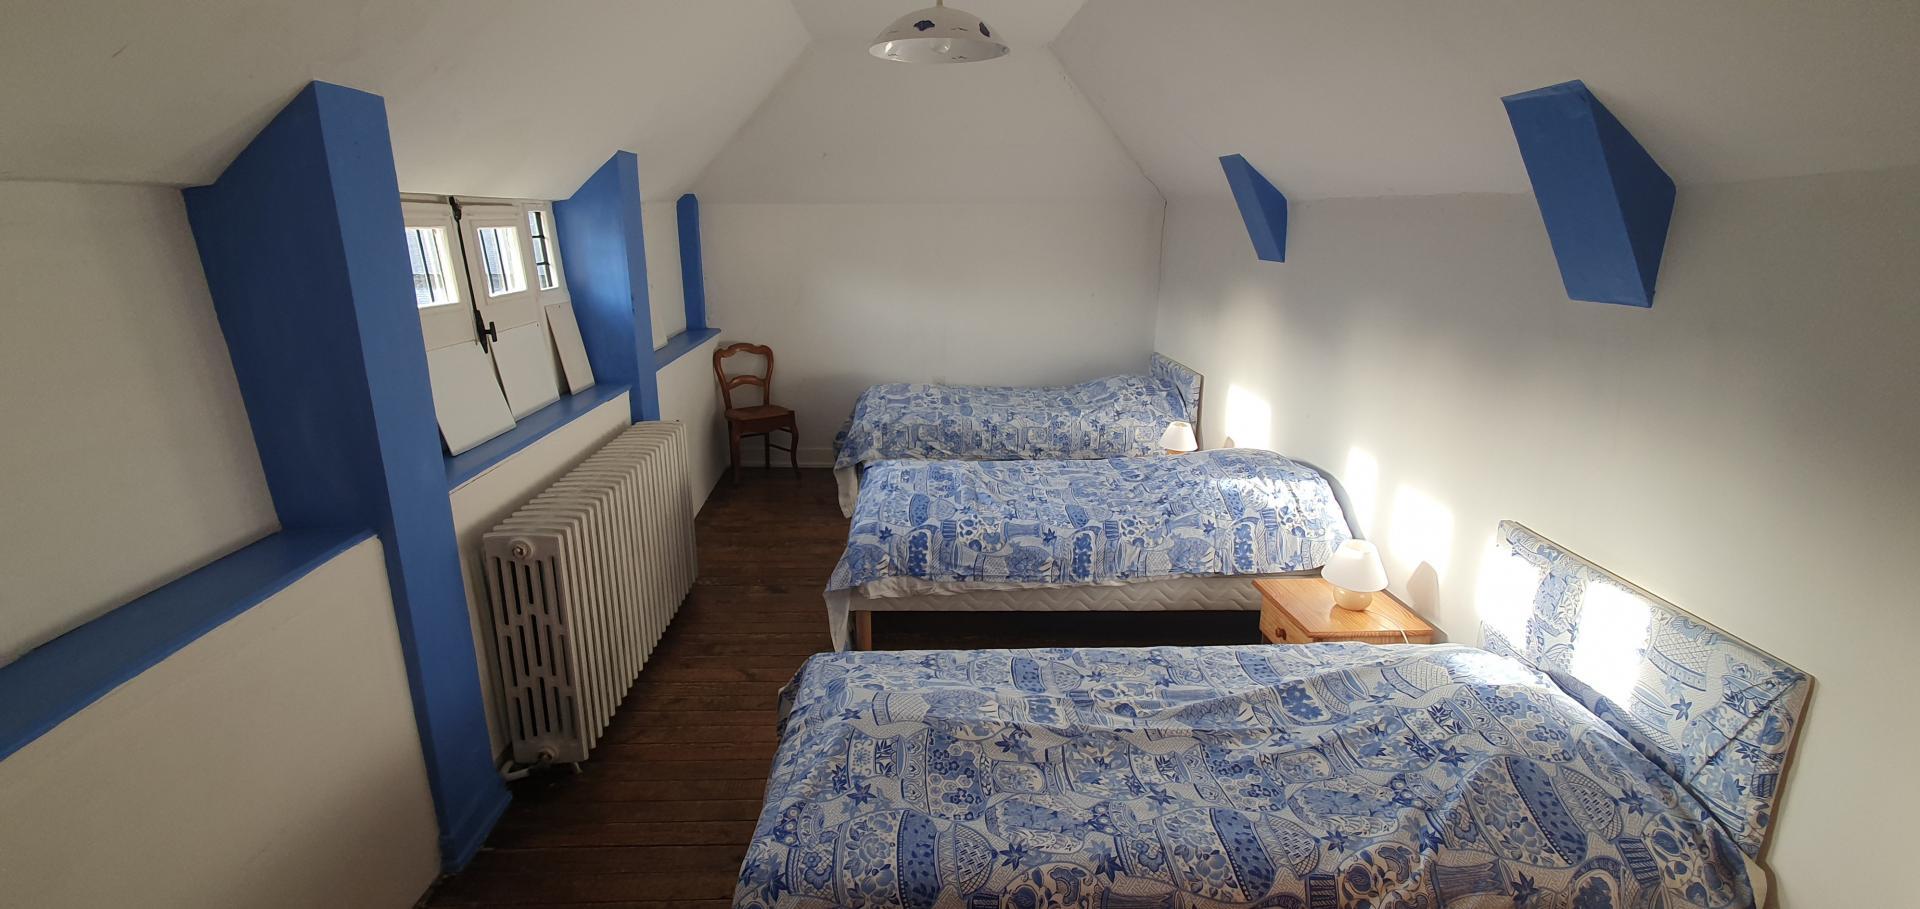 Chambre 3 lits gite du manoir redim